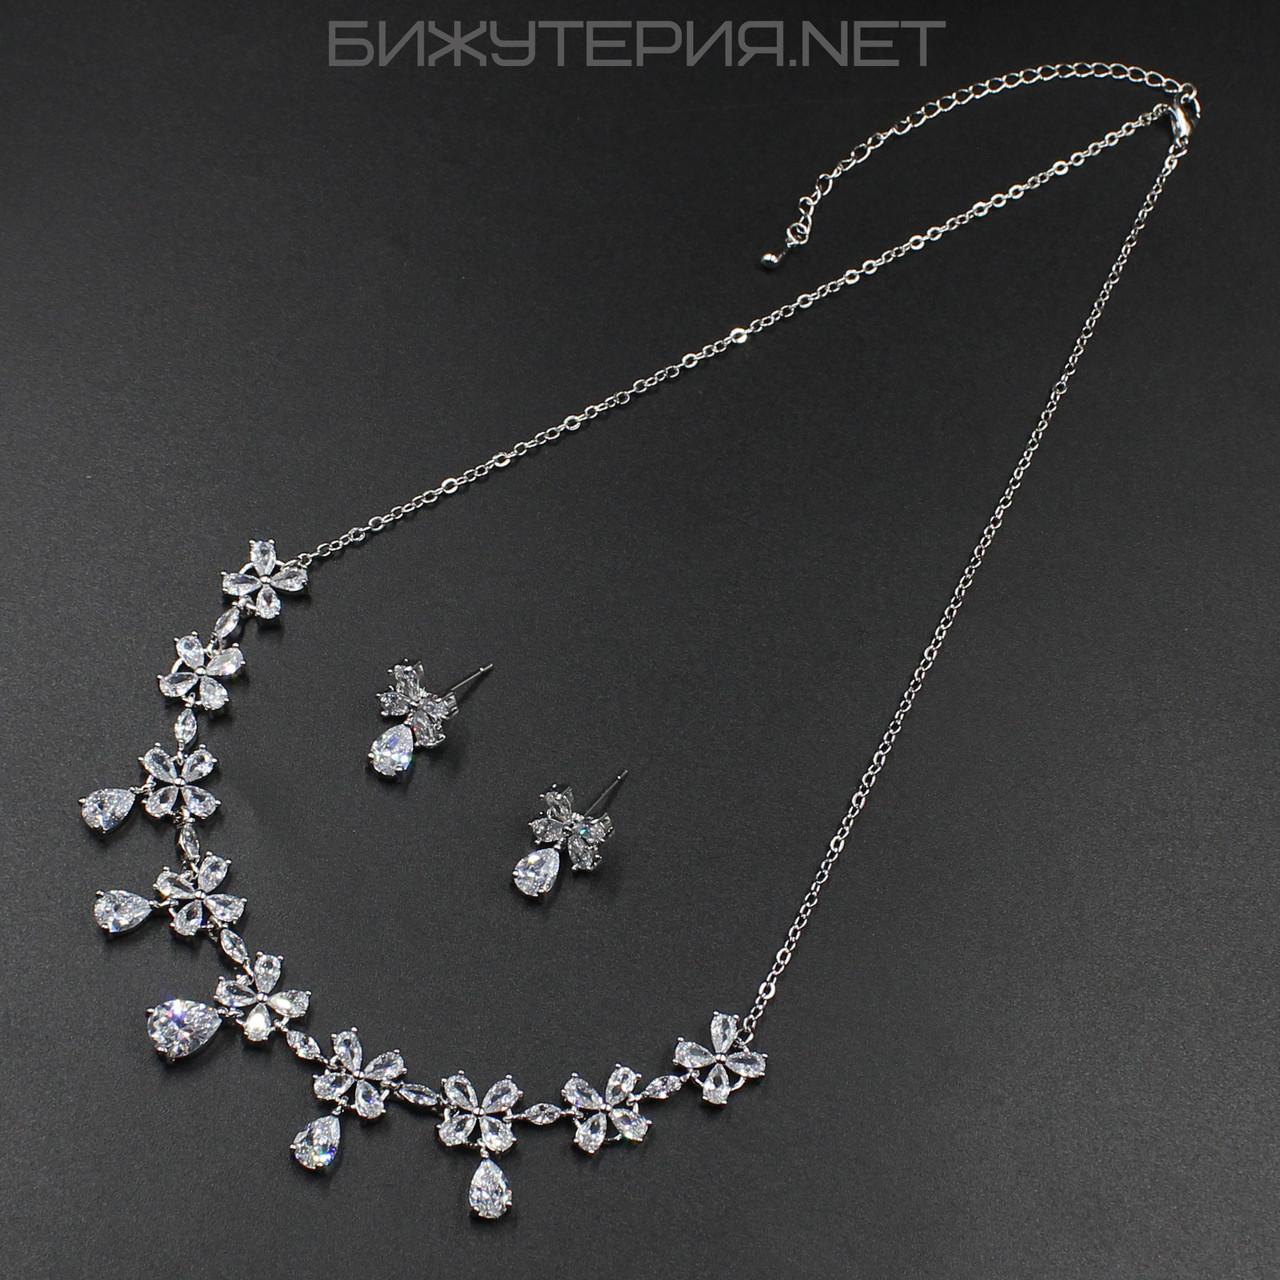 Комплект бижутерии JB Колье и Серьги декорирован цветочками с кристаллов - 1054202686